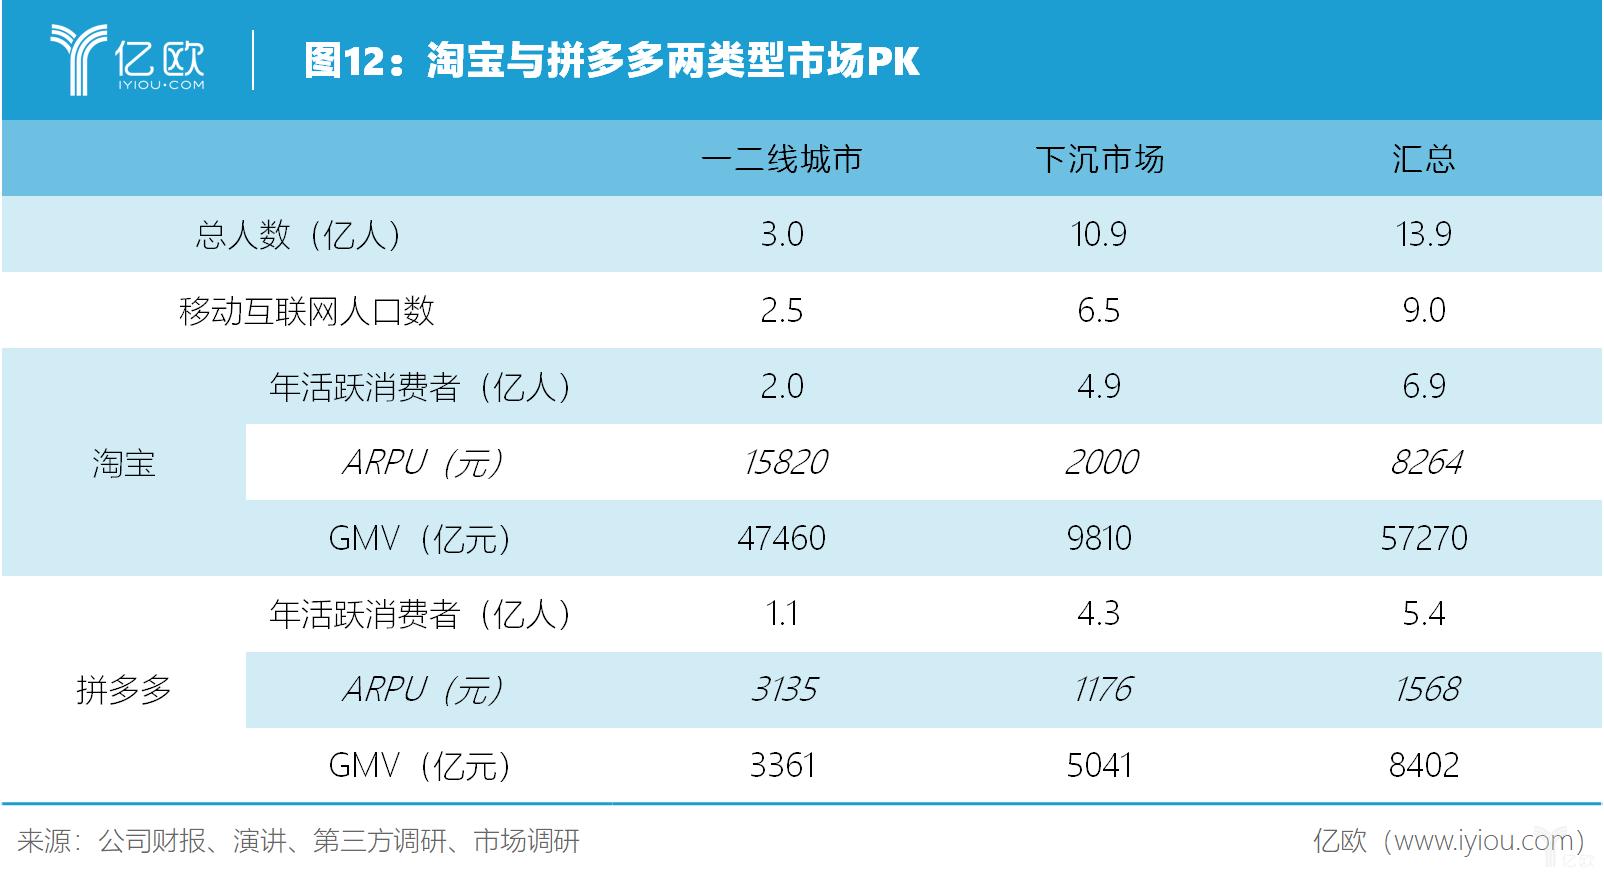 亿欧智库:淘宝与拼多多两类型市场PK